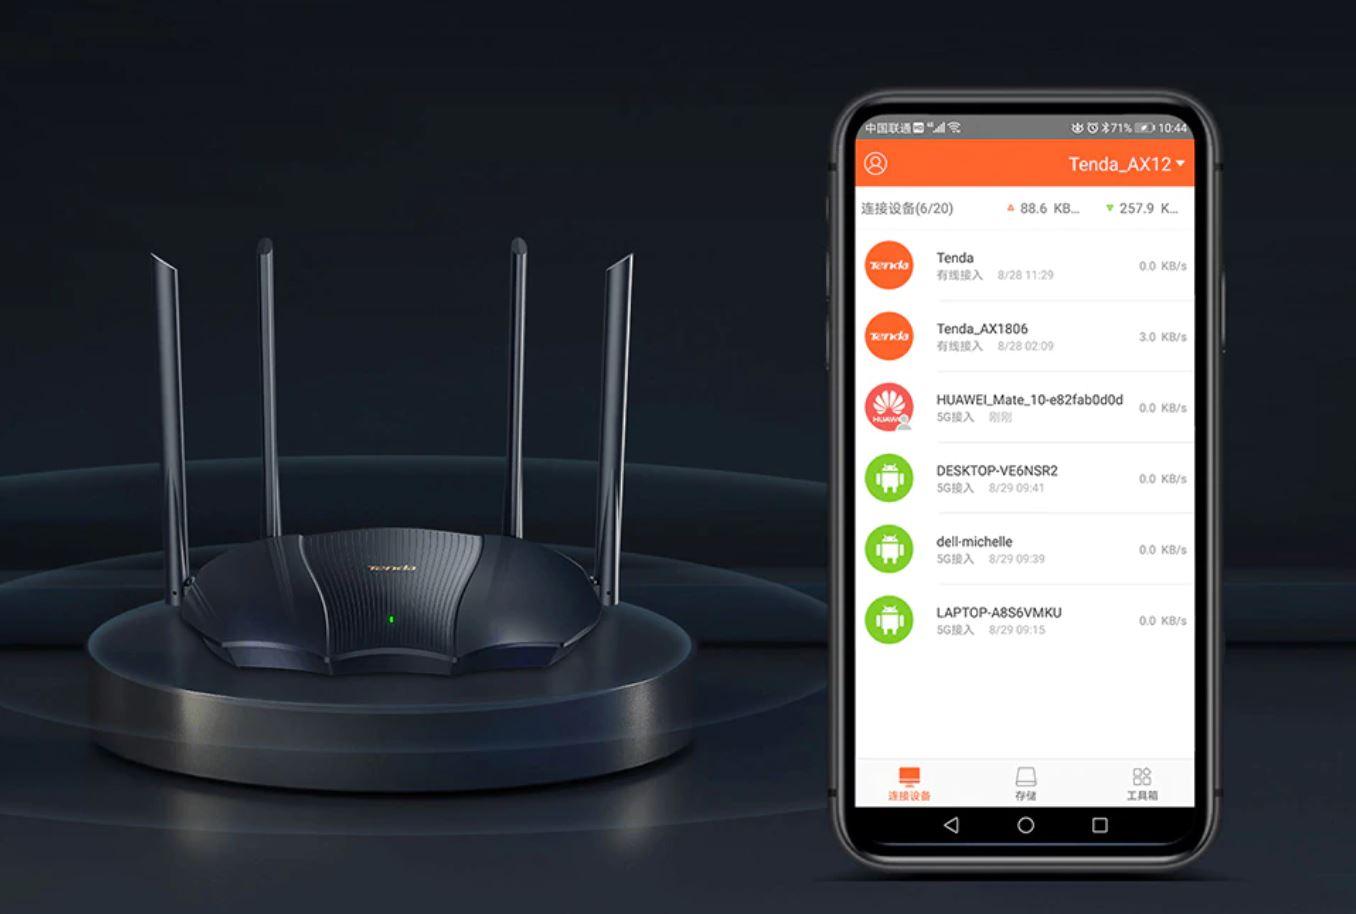 Wrześniowe premiery w AliExpress - skorzystaj z promocji - router wi-fi 6 - Tenda AX12 - obsługa przez aplikację